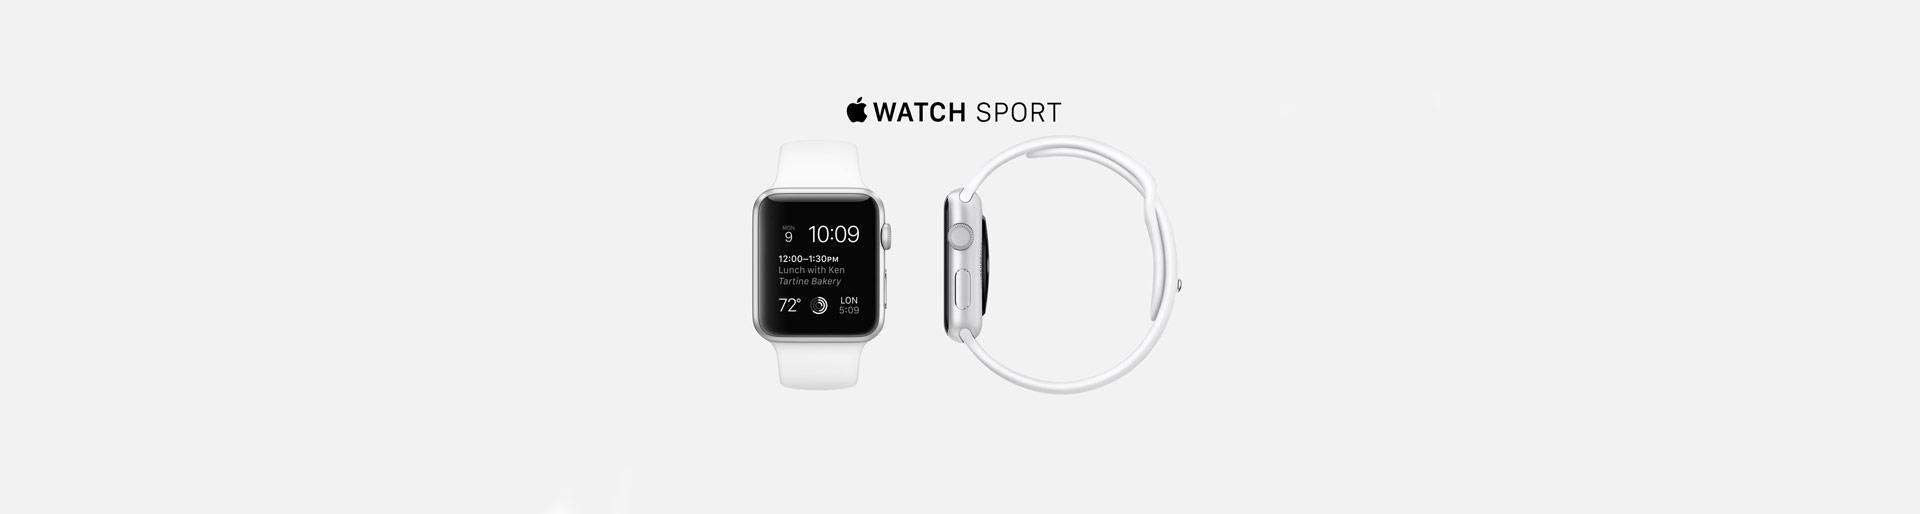 watch_akcio